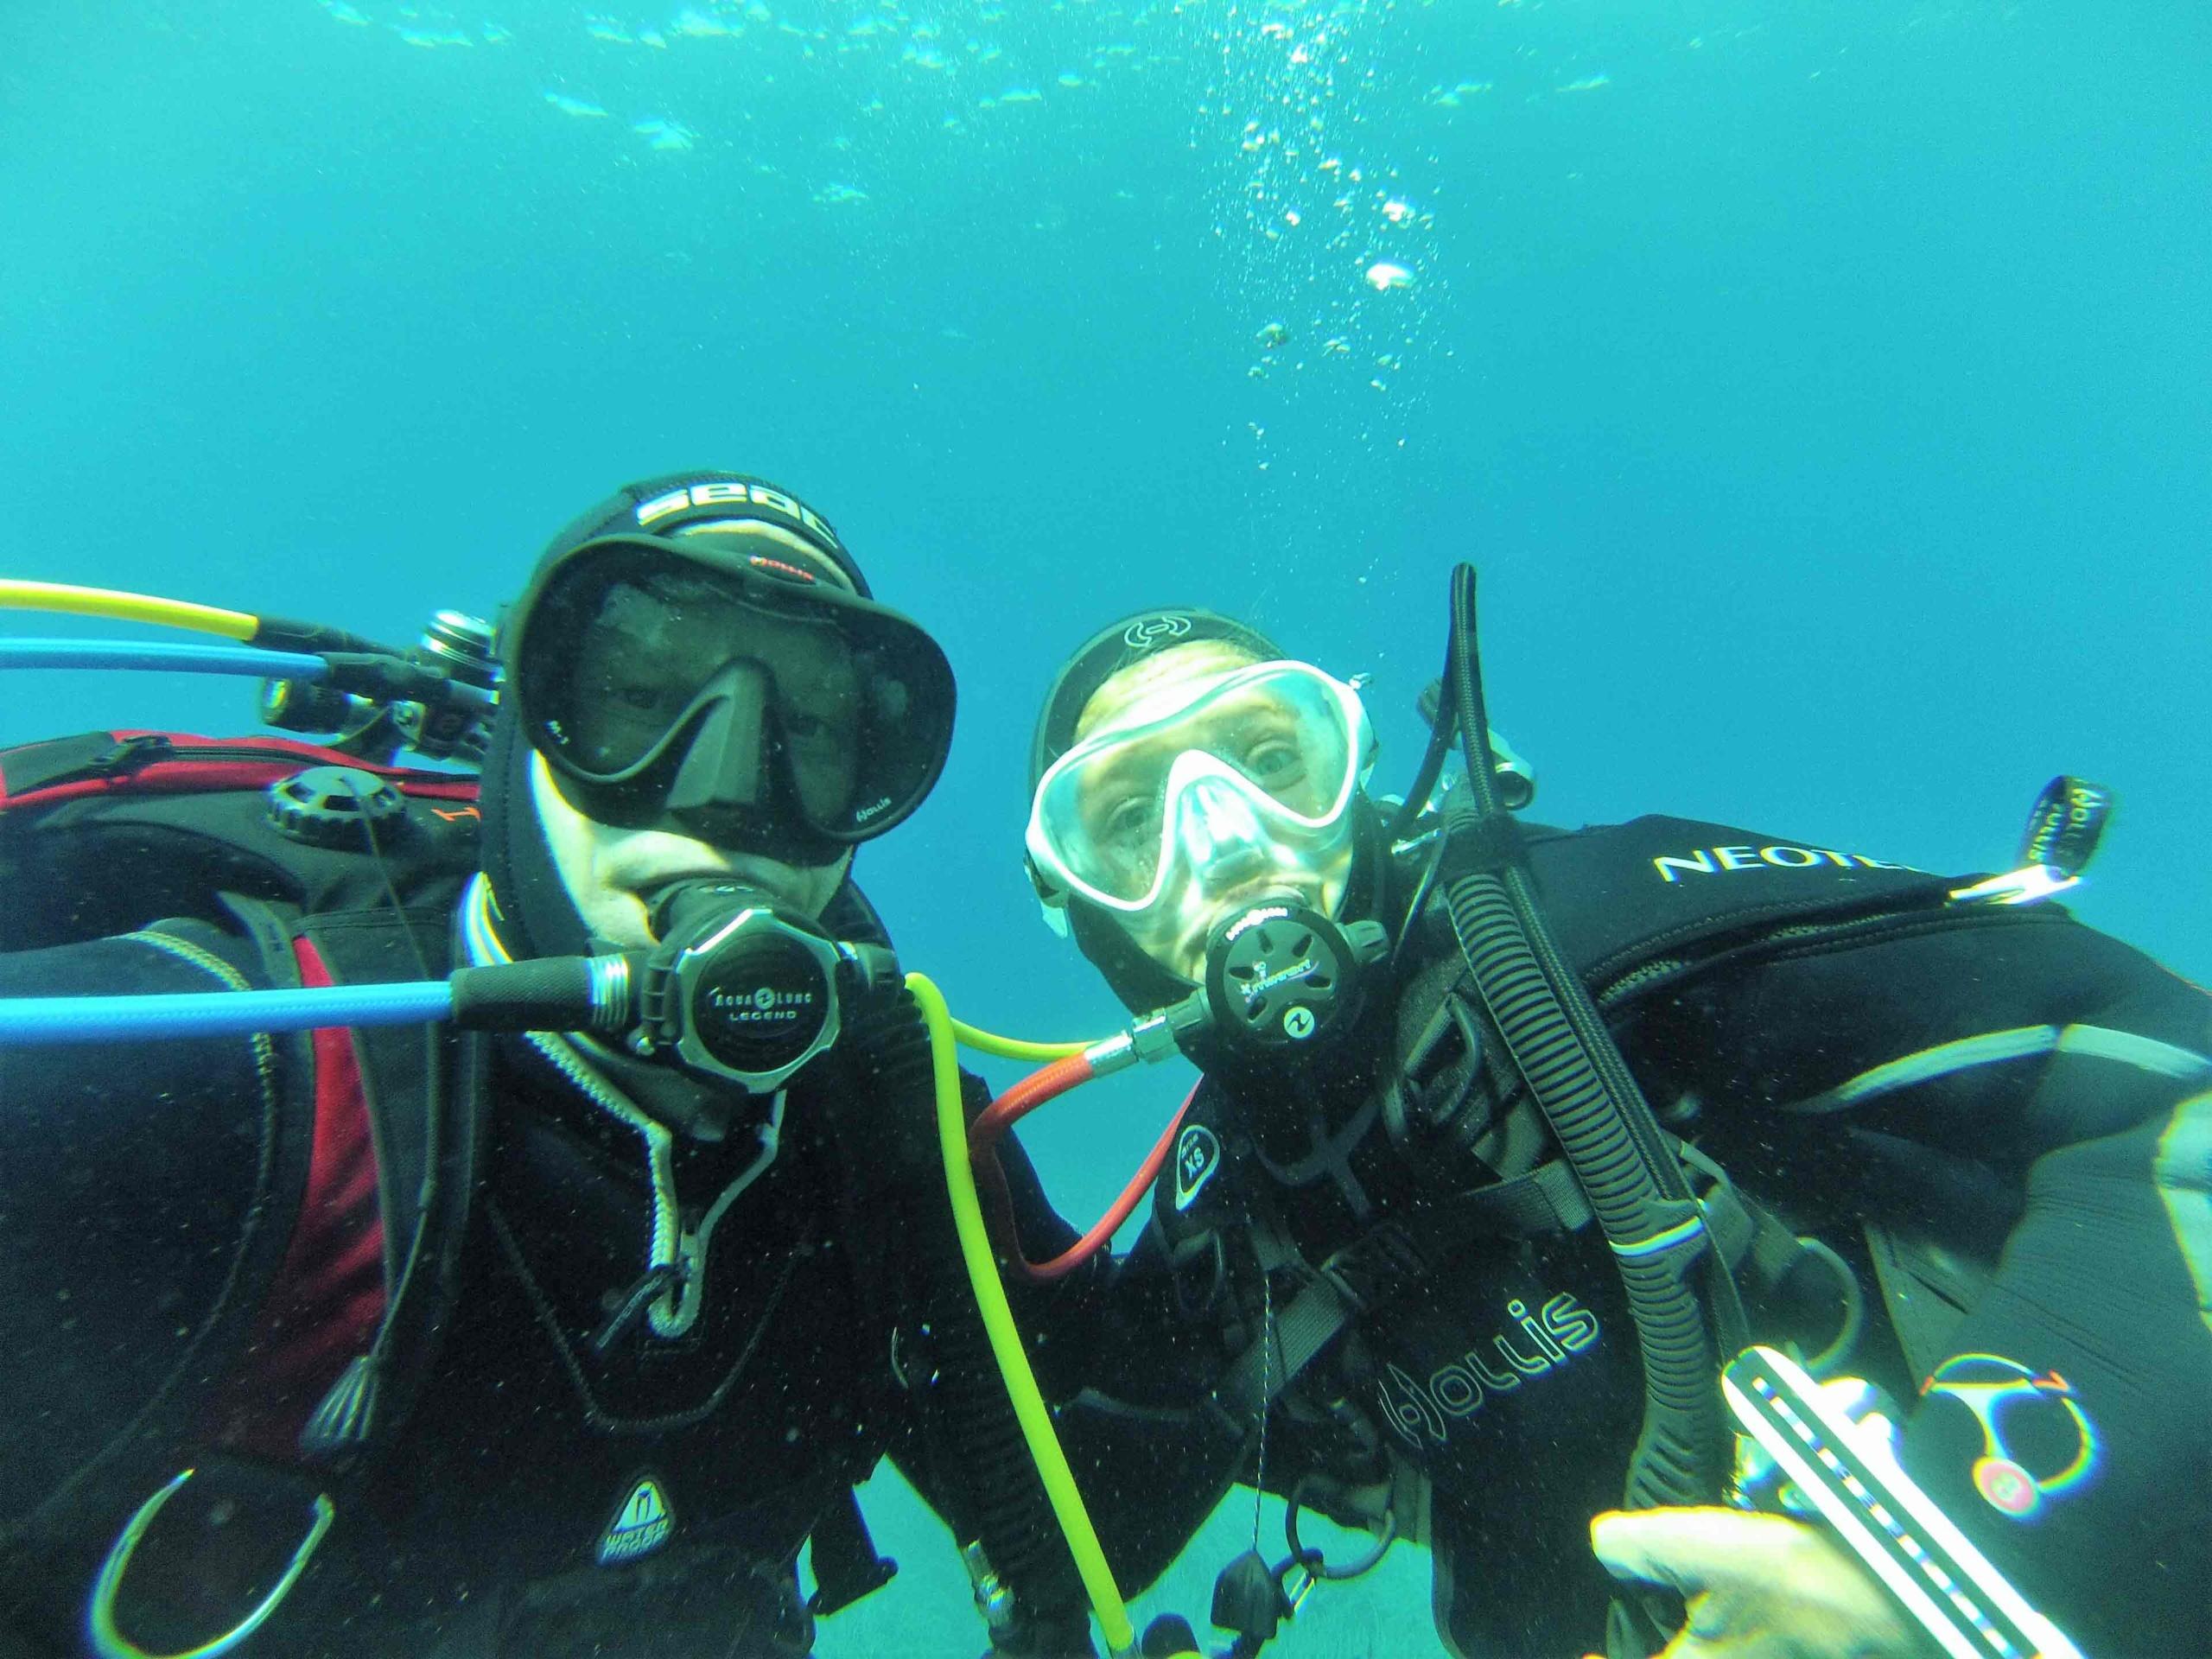 Twosome_underwater